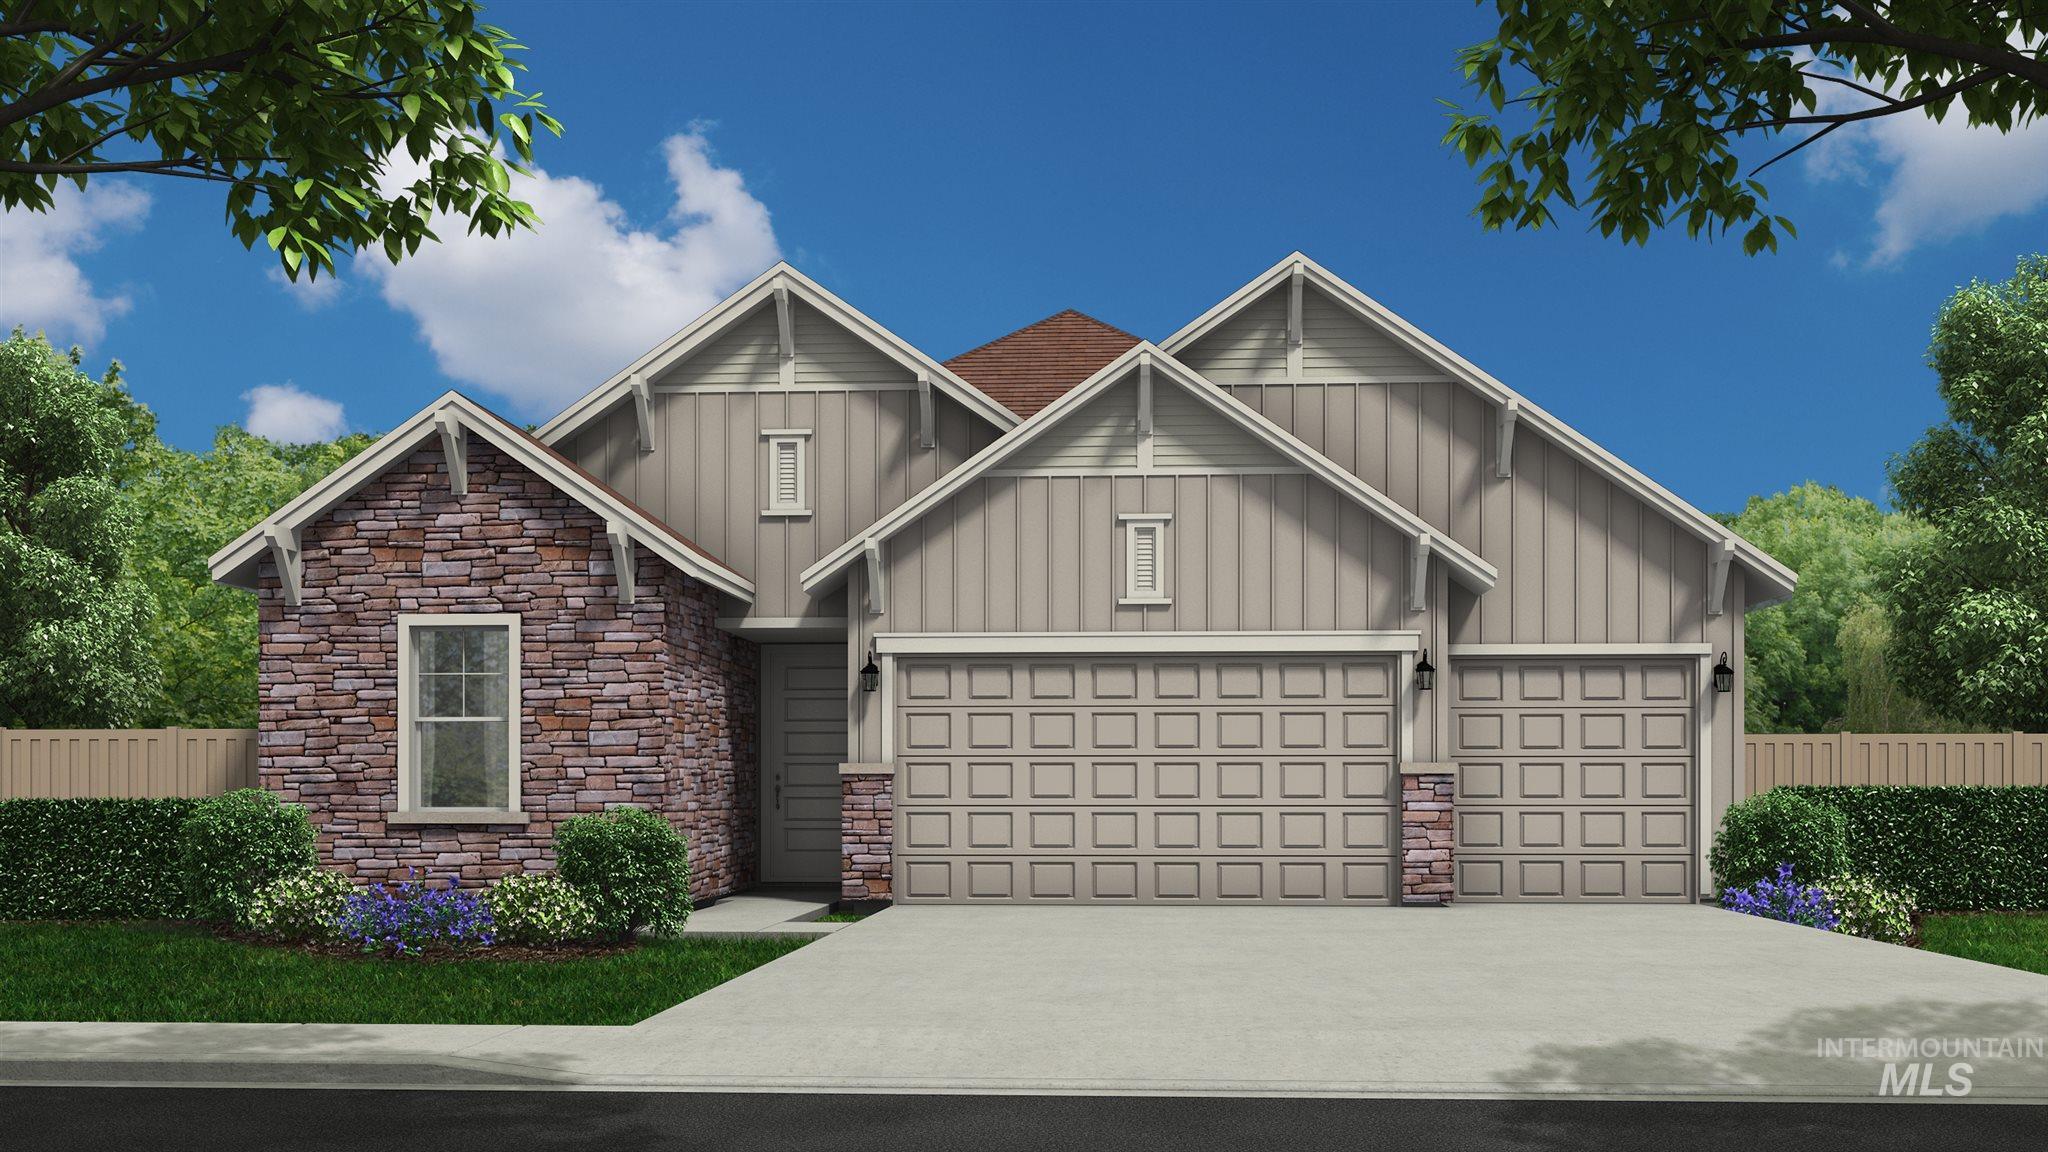 1388 N Diadora Ave, Eagle, ID 83616